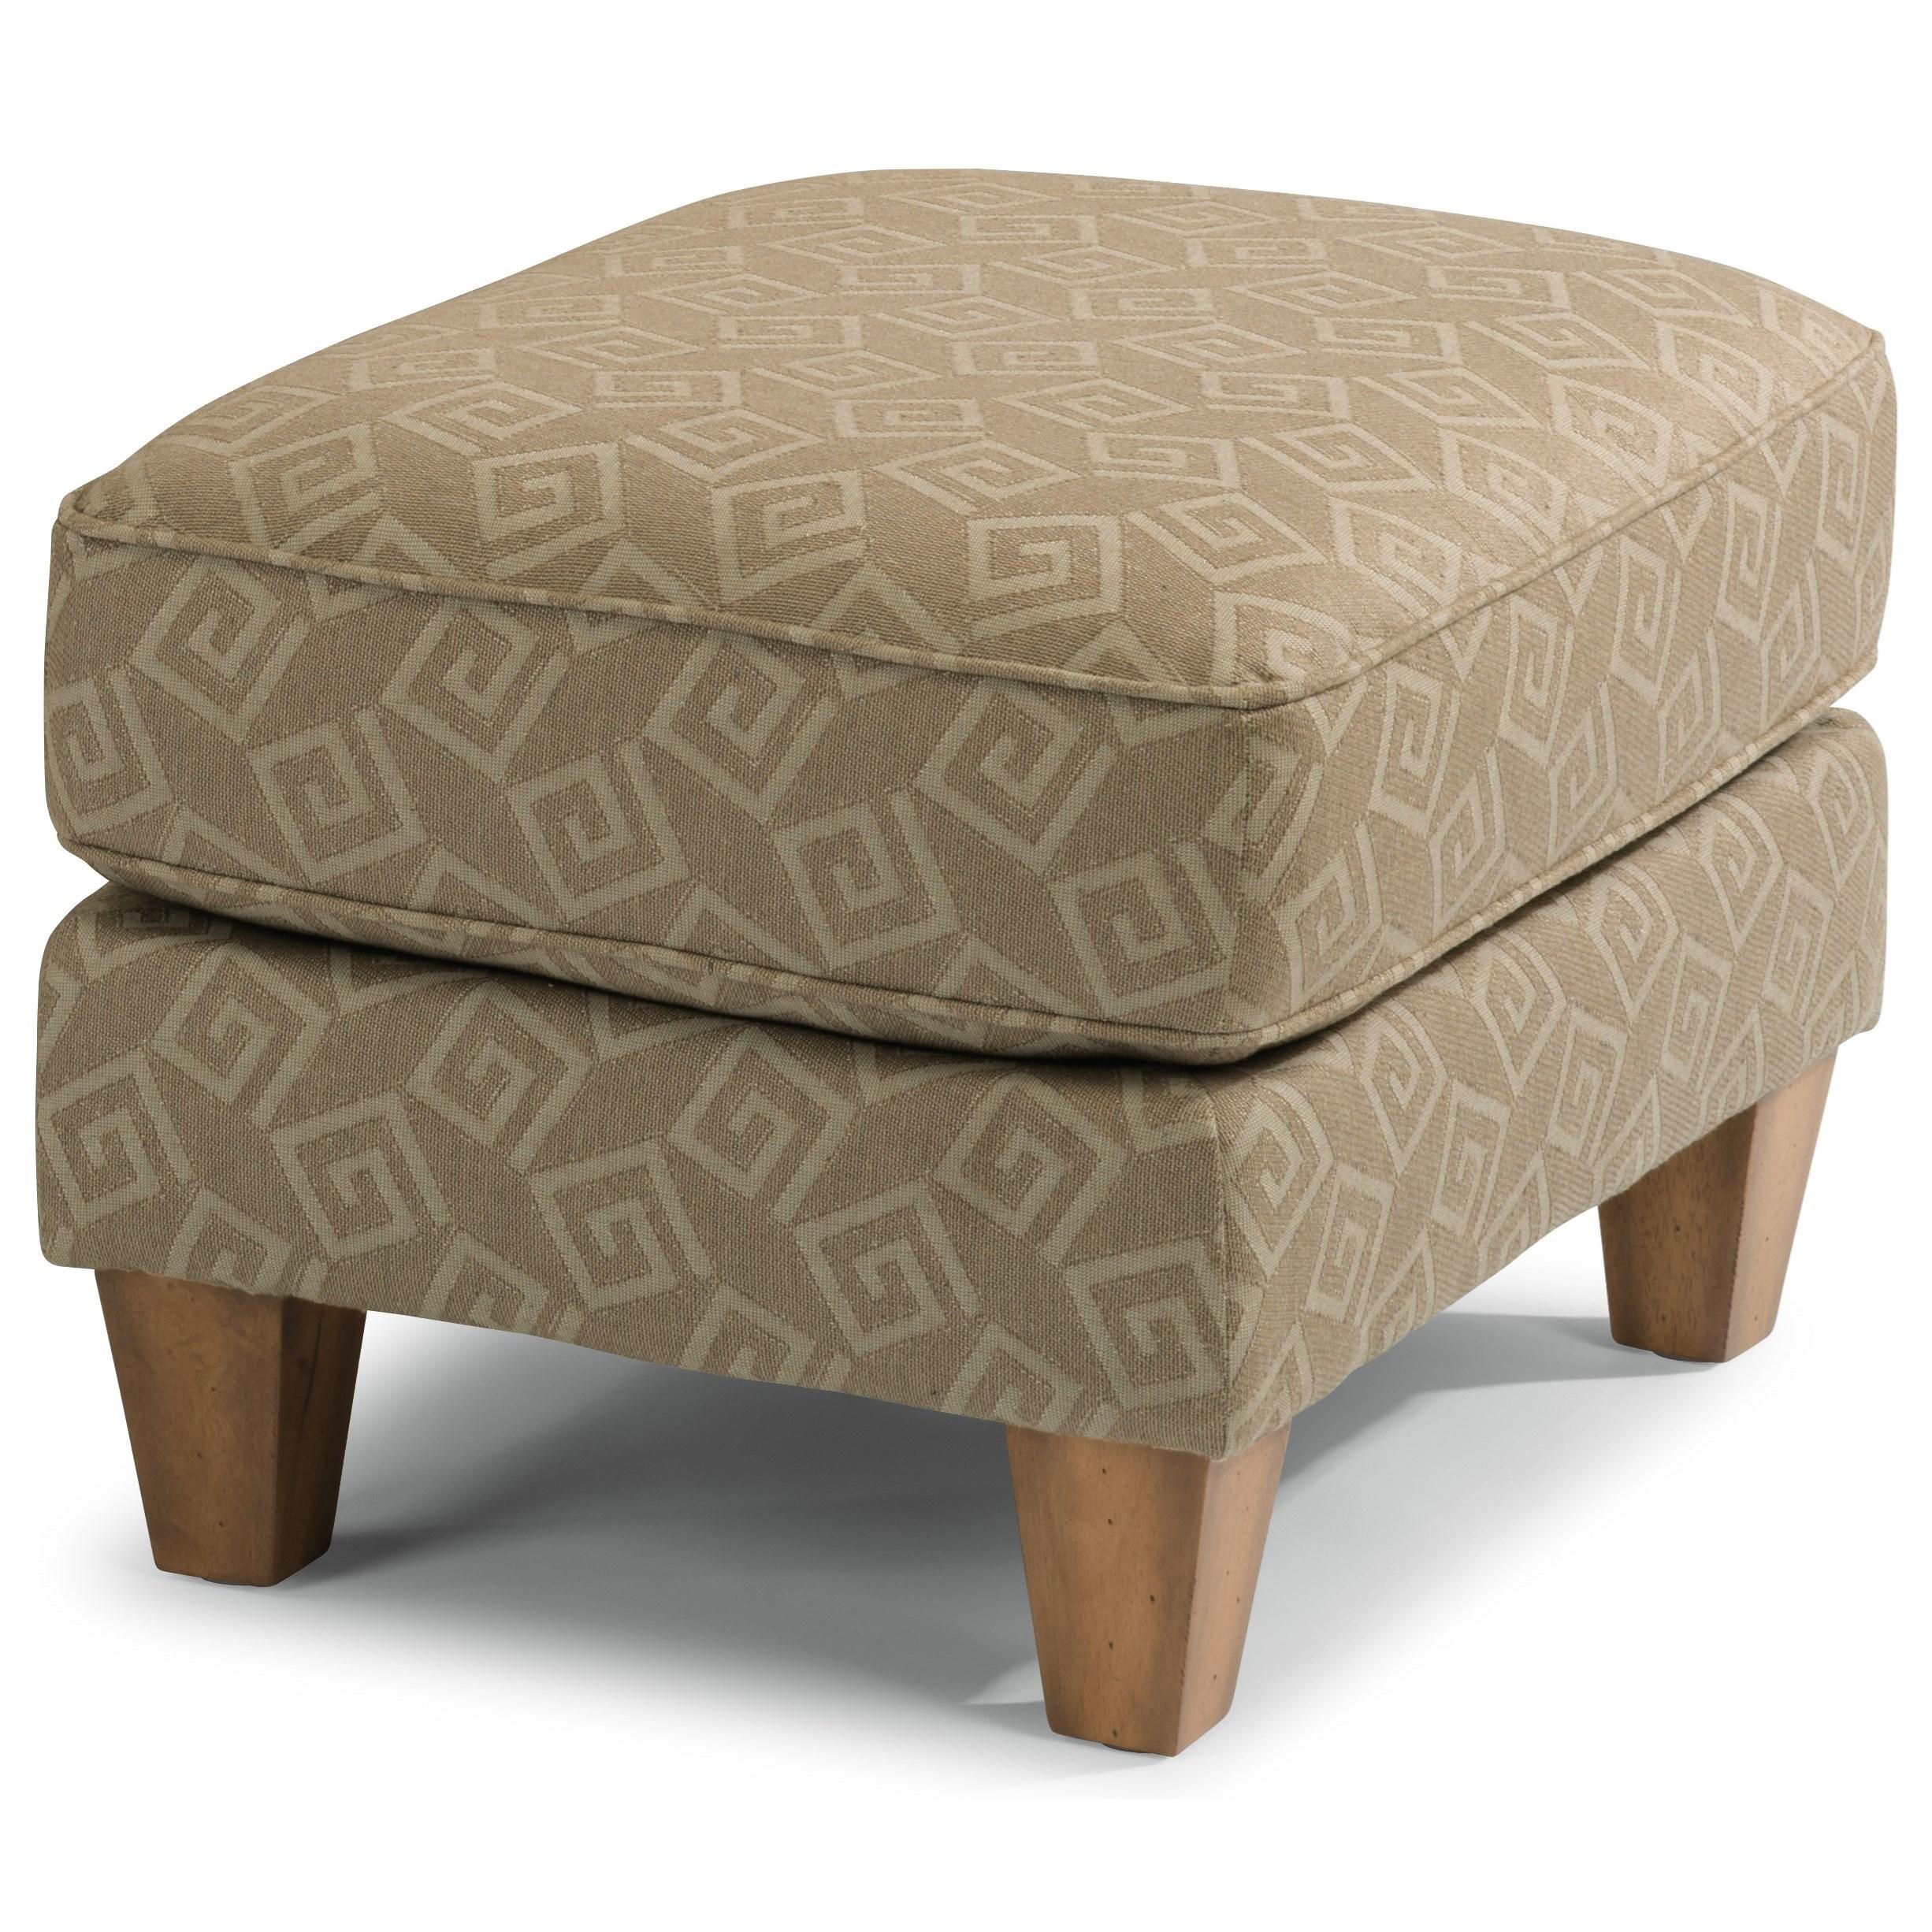 Flexsteel Westside Sofa Reviews: Flexsteel Westside Casual Style Ottoman